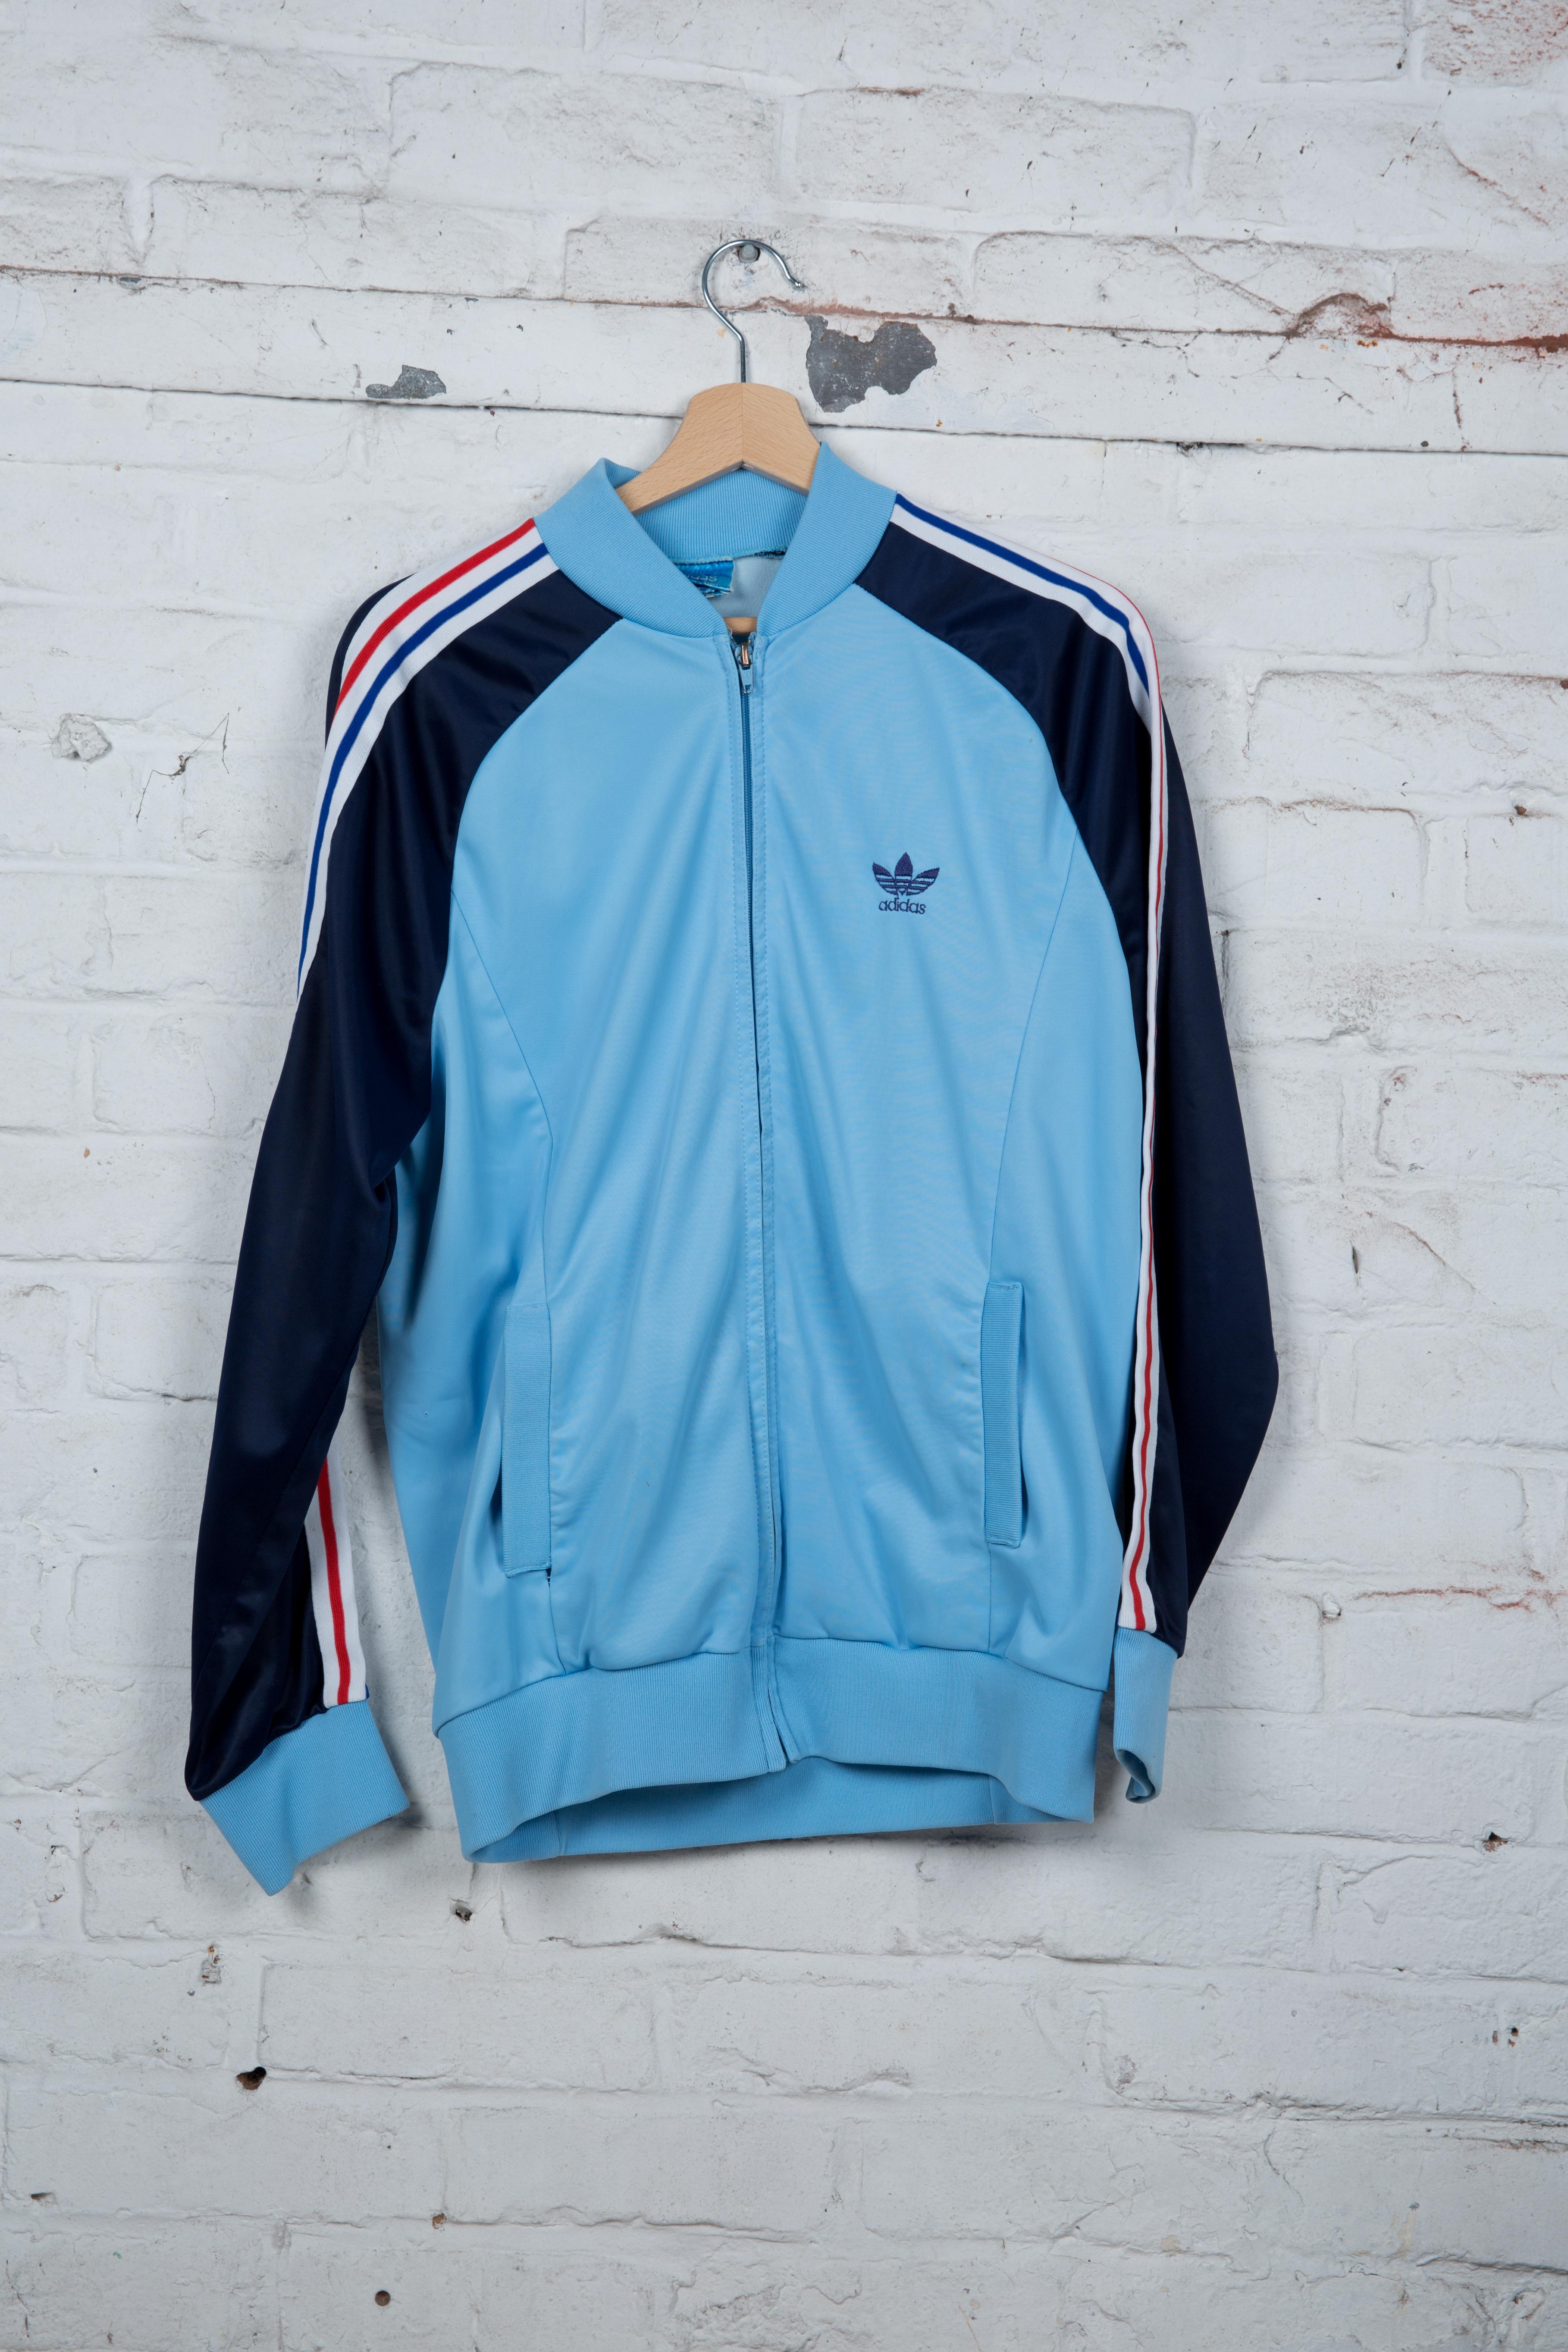 Veste Moins Store Acheter Sur Le Cher France Online Vintage Adidas gybYf76